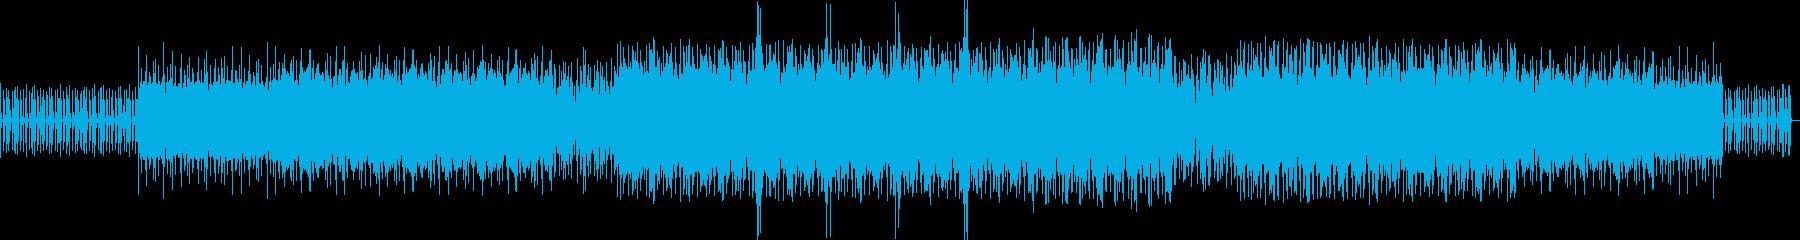 テクノ。最小限。エッセンシャルの再生済みの波形